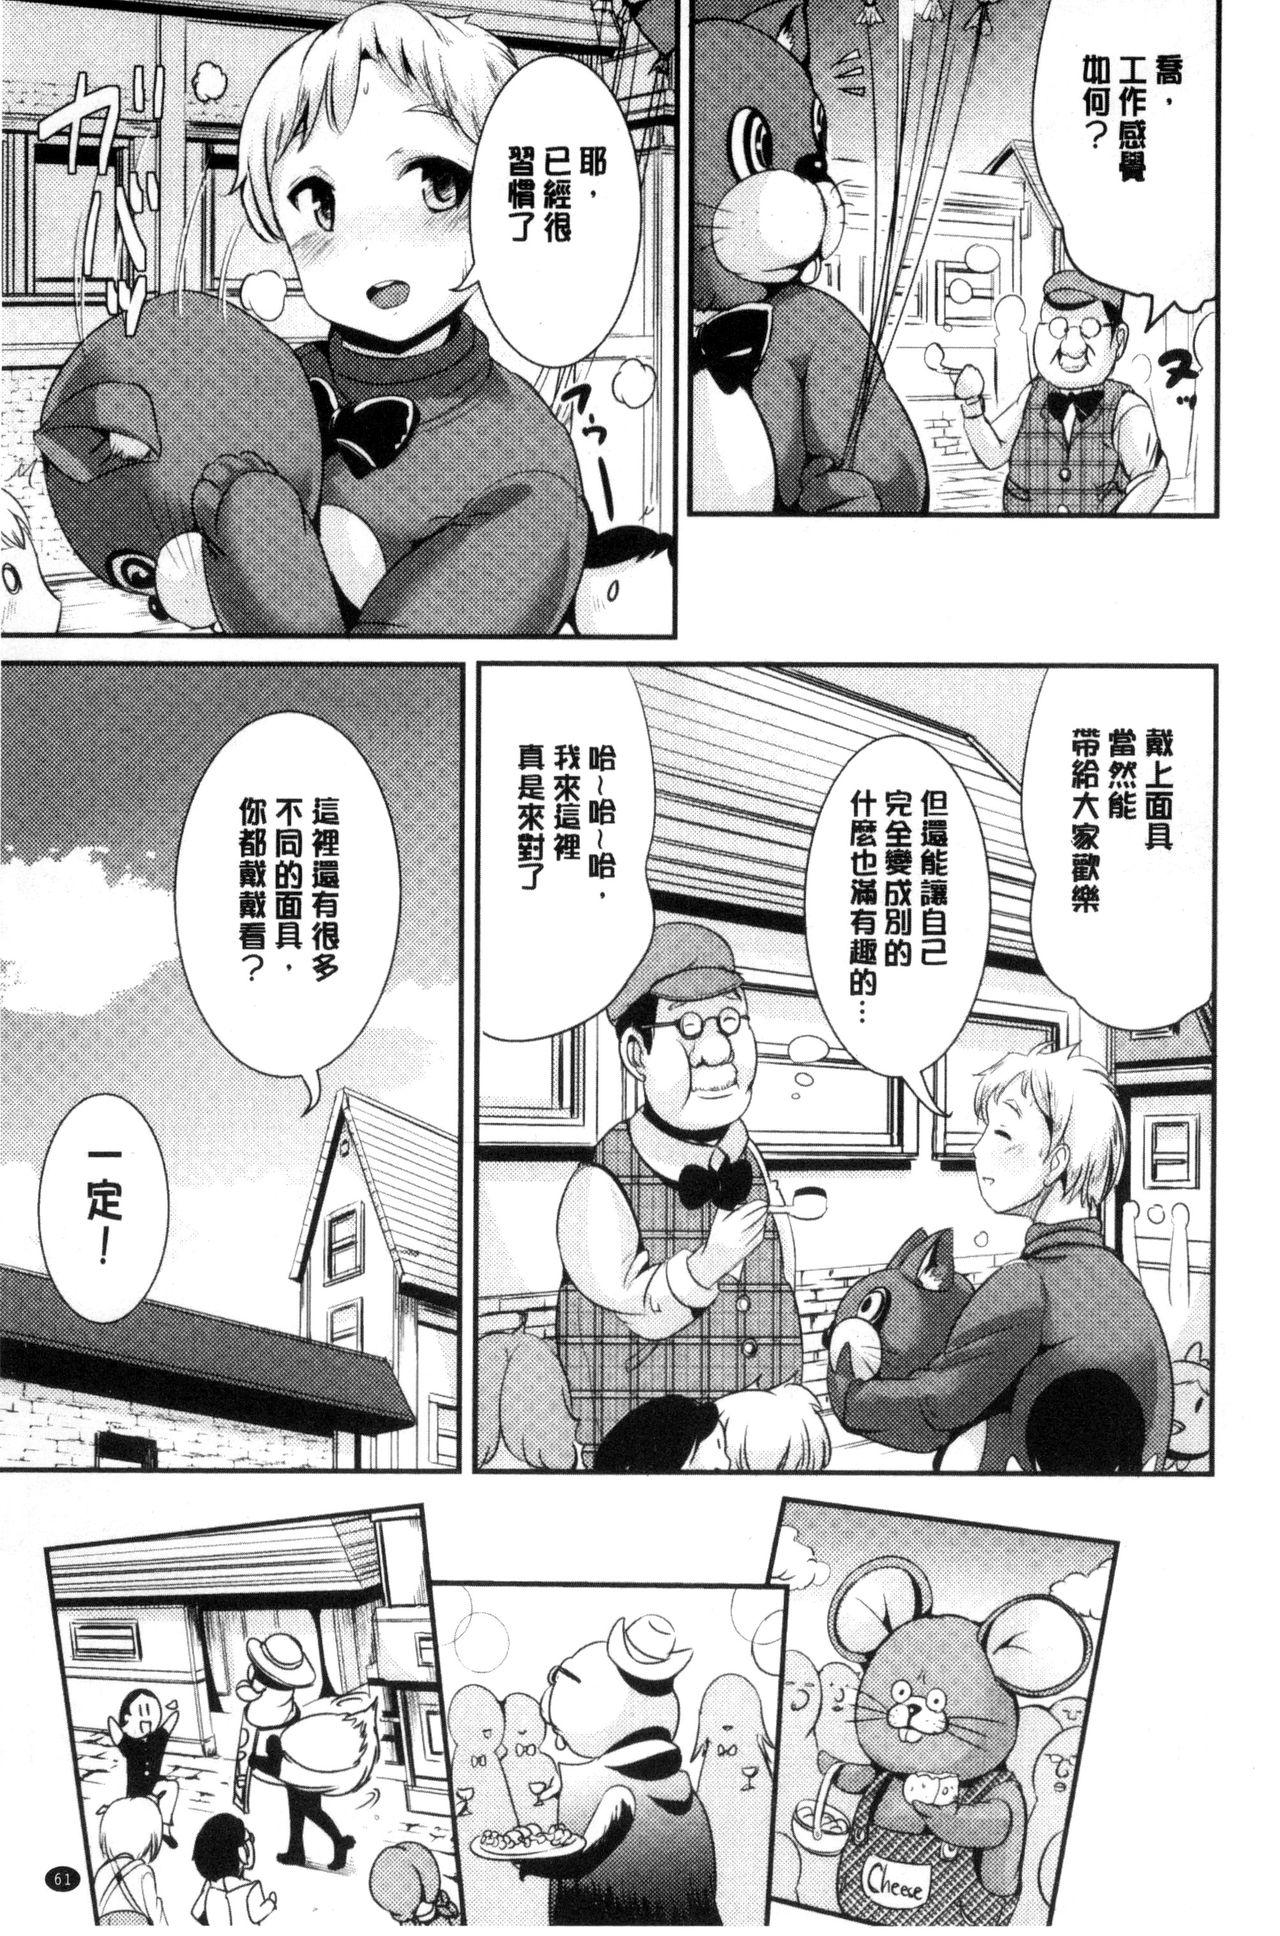 [Marneko] Onnanoko Supple ~Seitenkan Shite Hoken no Jugyou~   女孩子補給品 性轉換之後保健的授業 [Chinese] 62